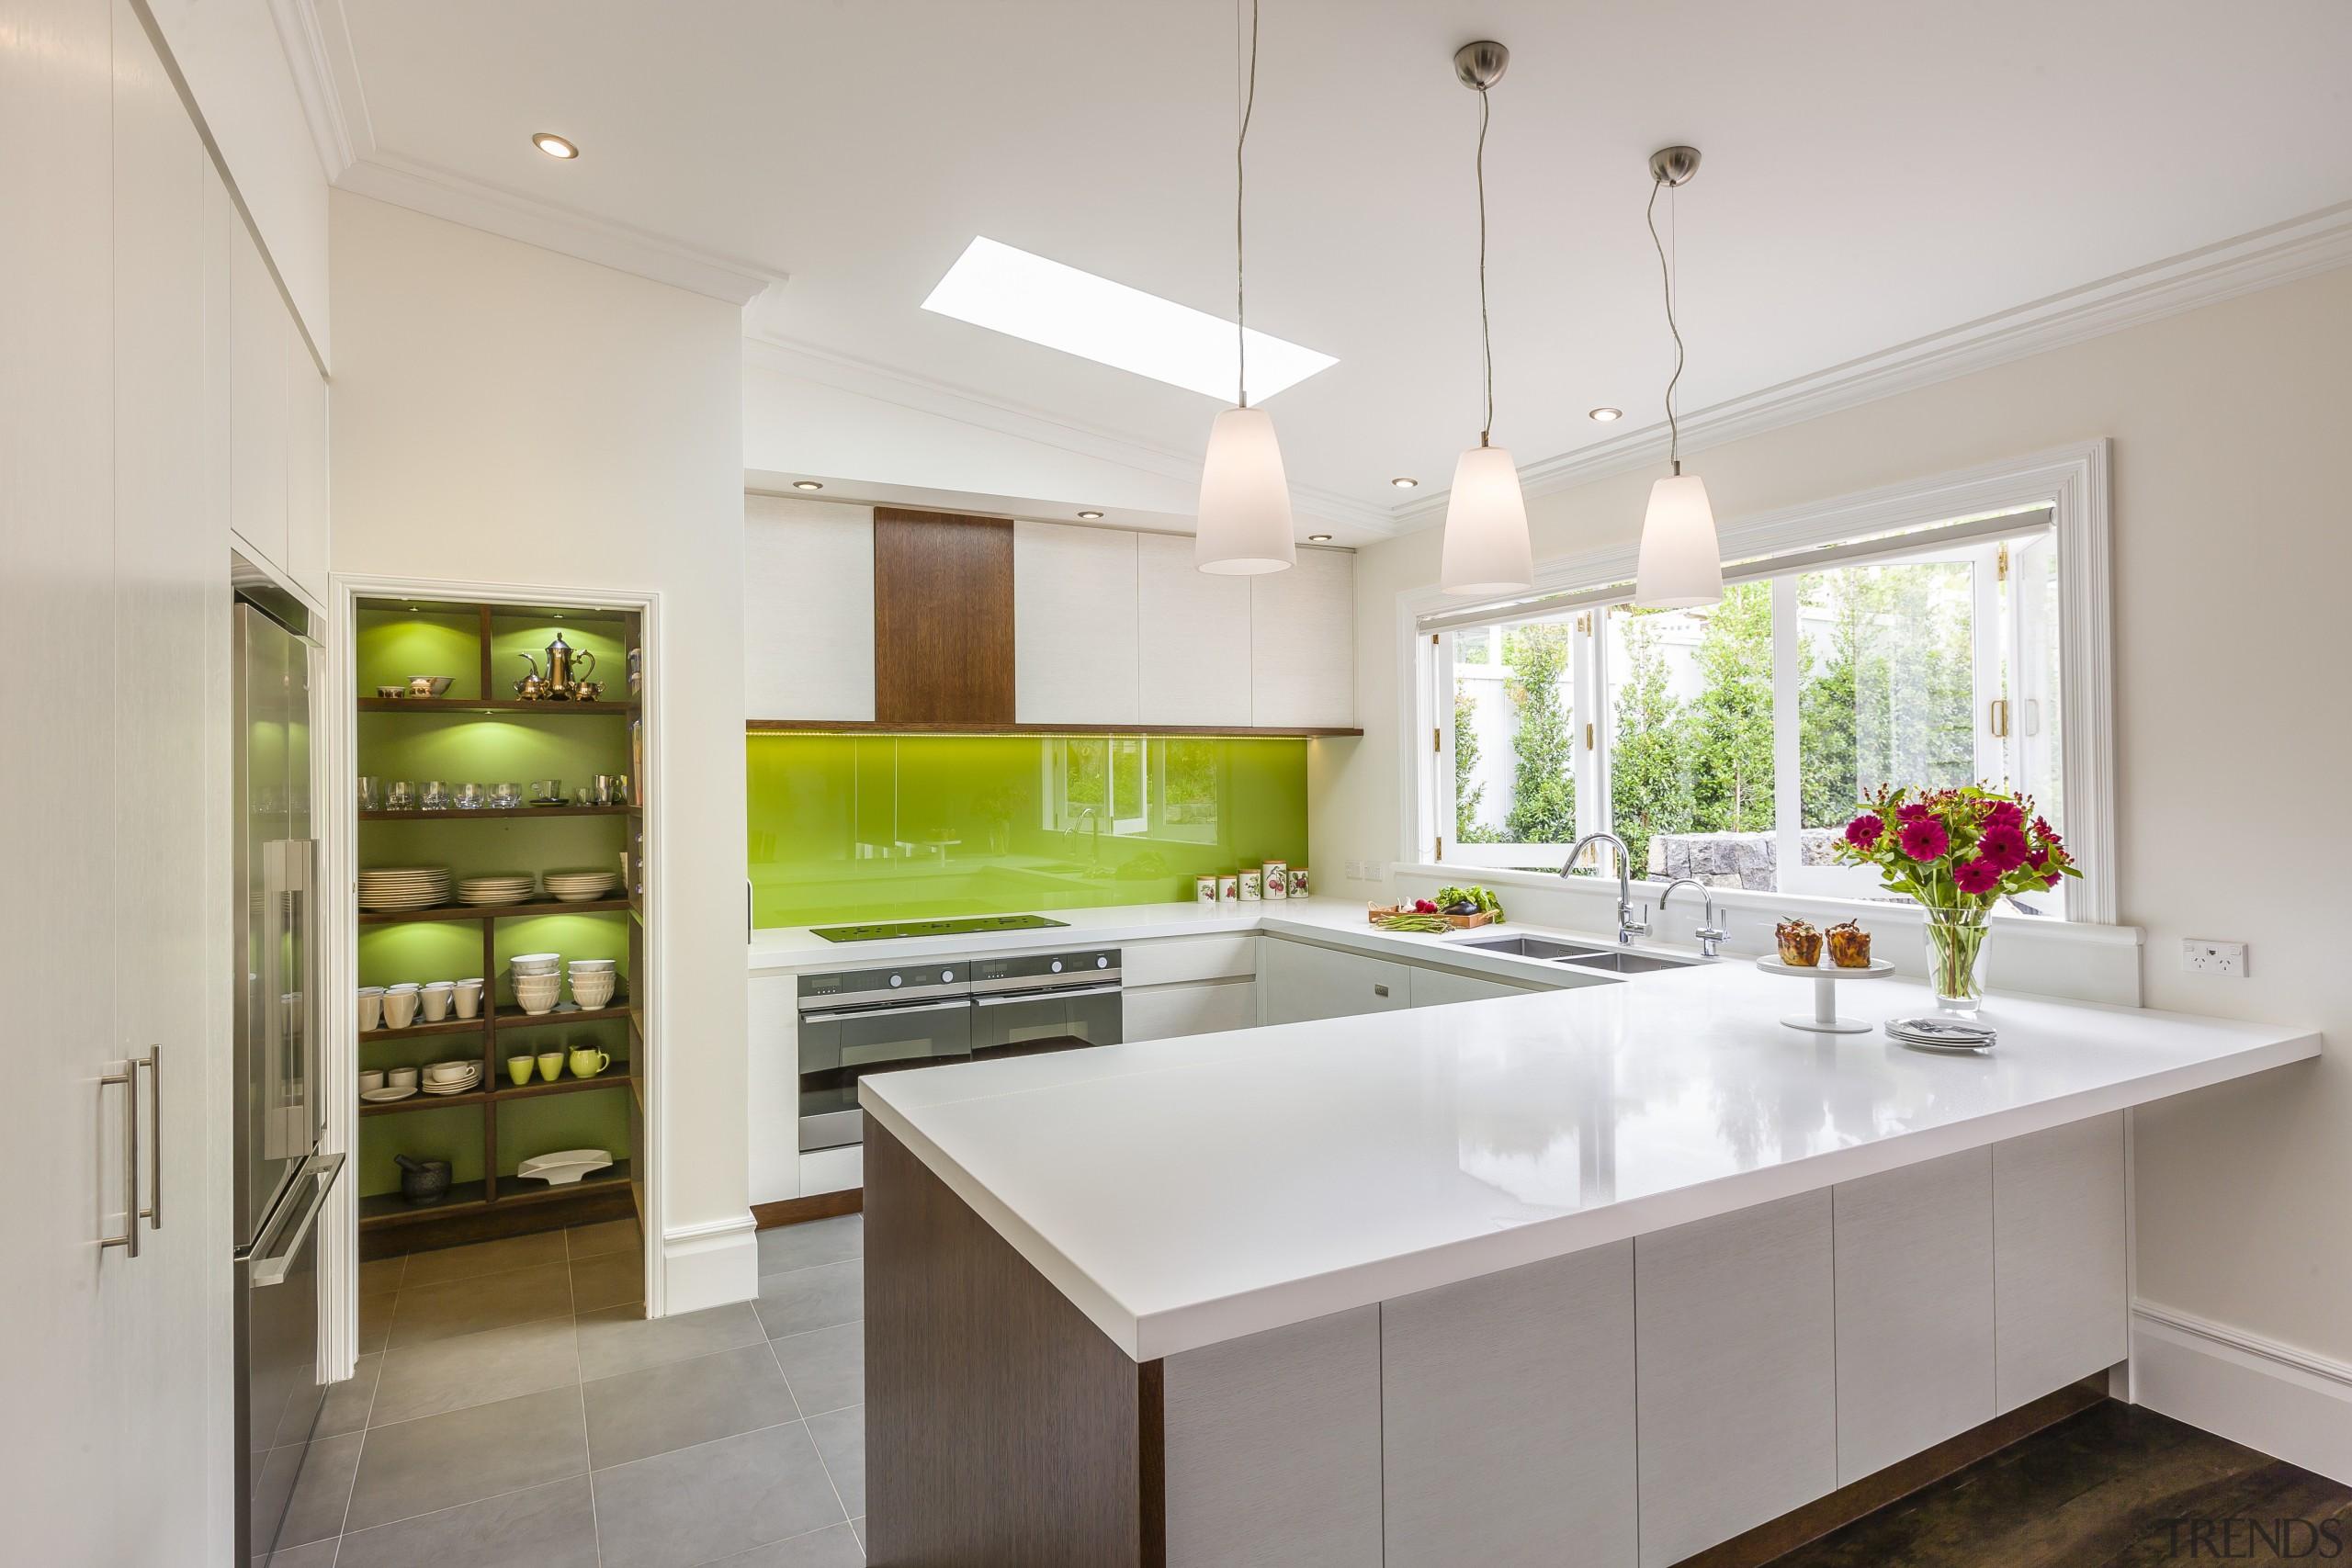 Contemporary kitchen appliances - Contemporary kitchen appliances - architecture, countertop, cuisine classique, interior design, kitchen, real estate, room, gray